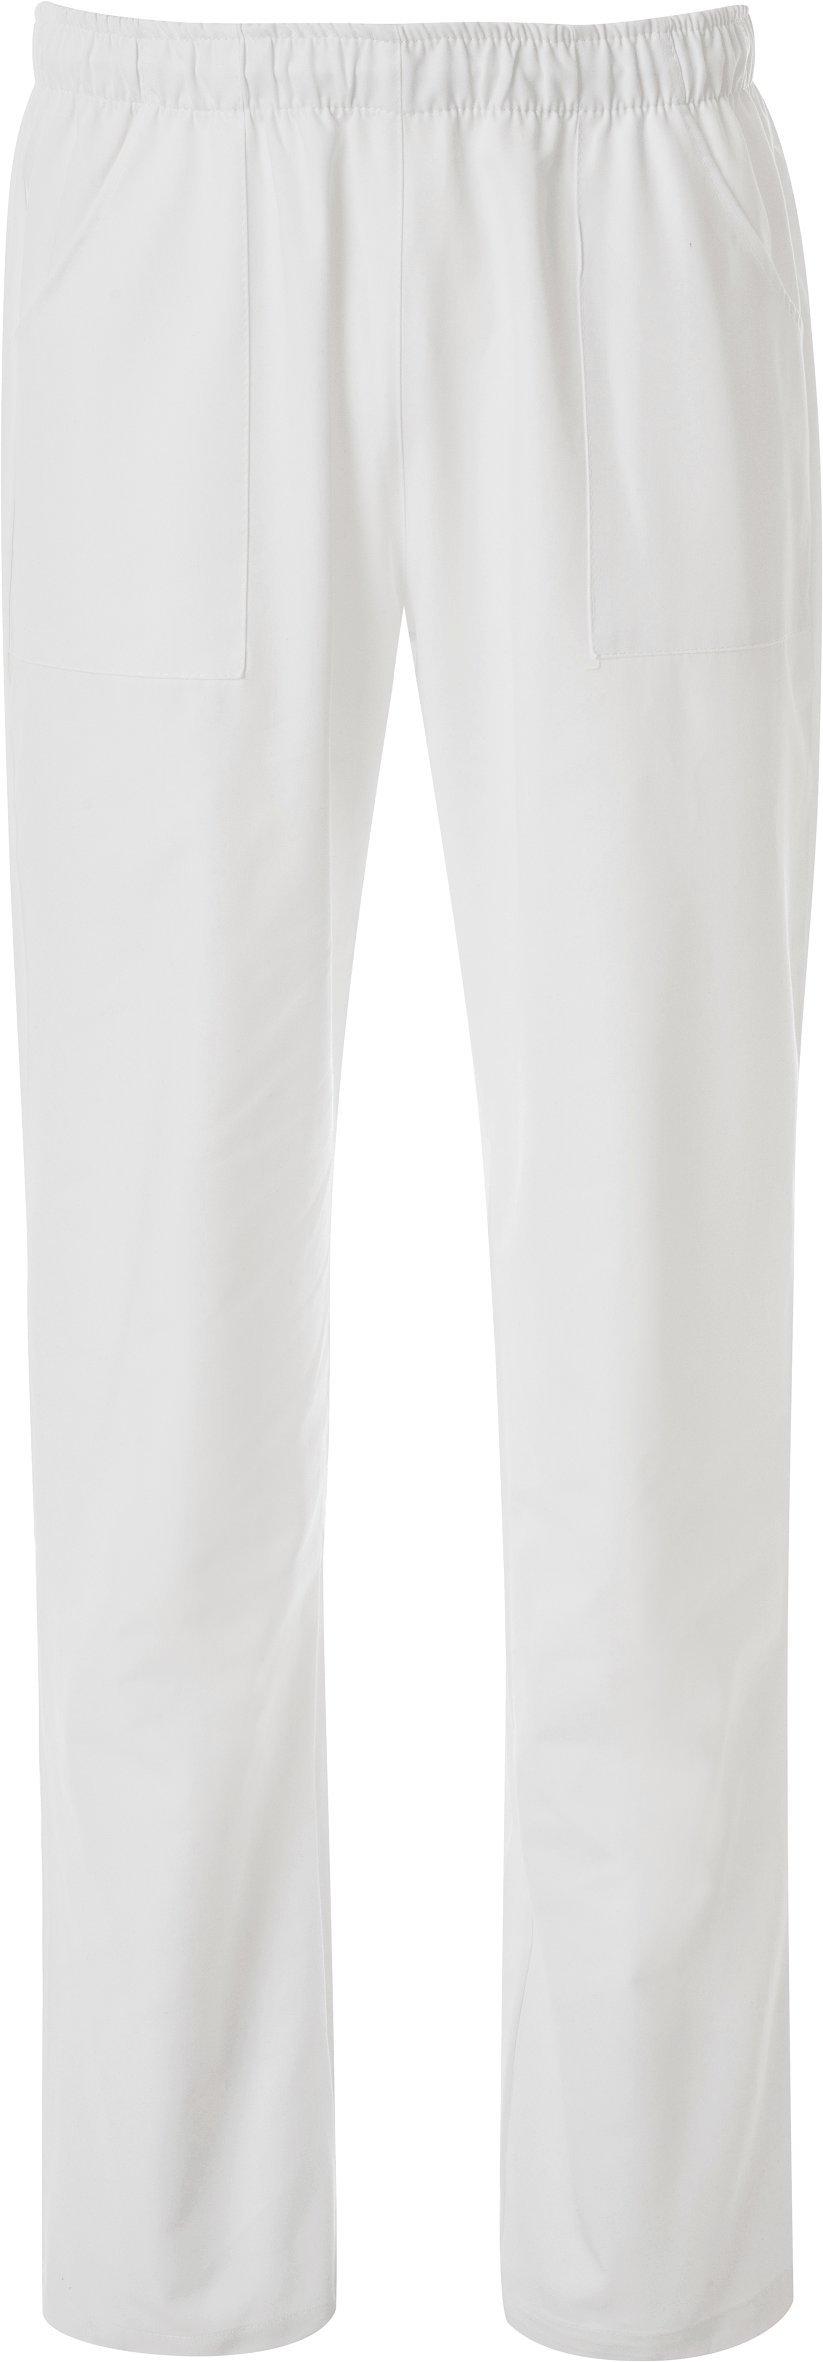 WWOO Donna Pantalone da Lavoro Bianco Puro Cotone Pantaloni Medical Pantaloni da Infermiere Opaco pantalaccio con Elastico